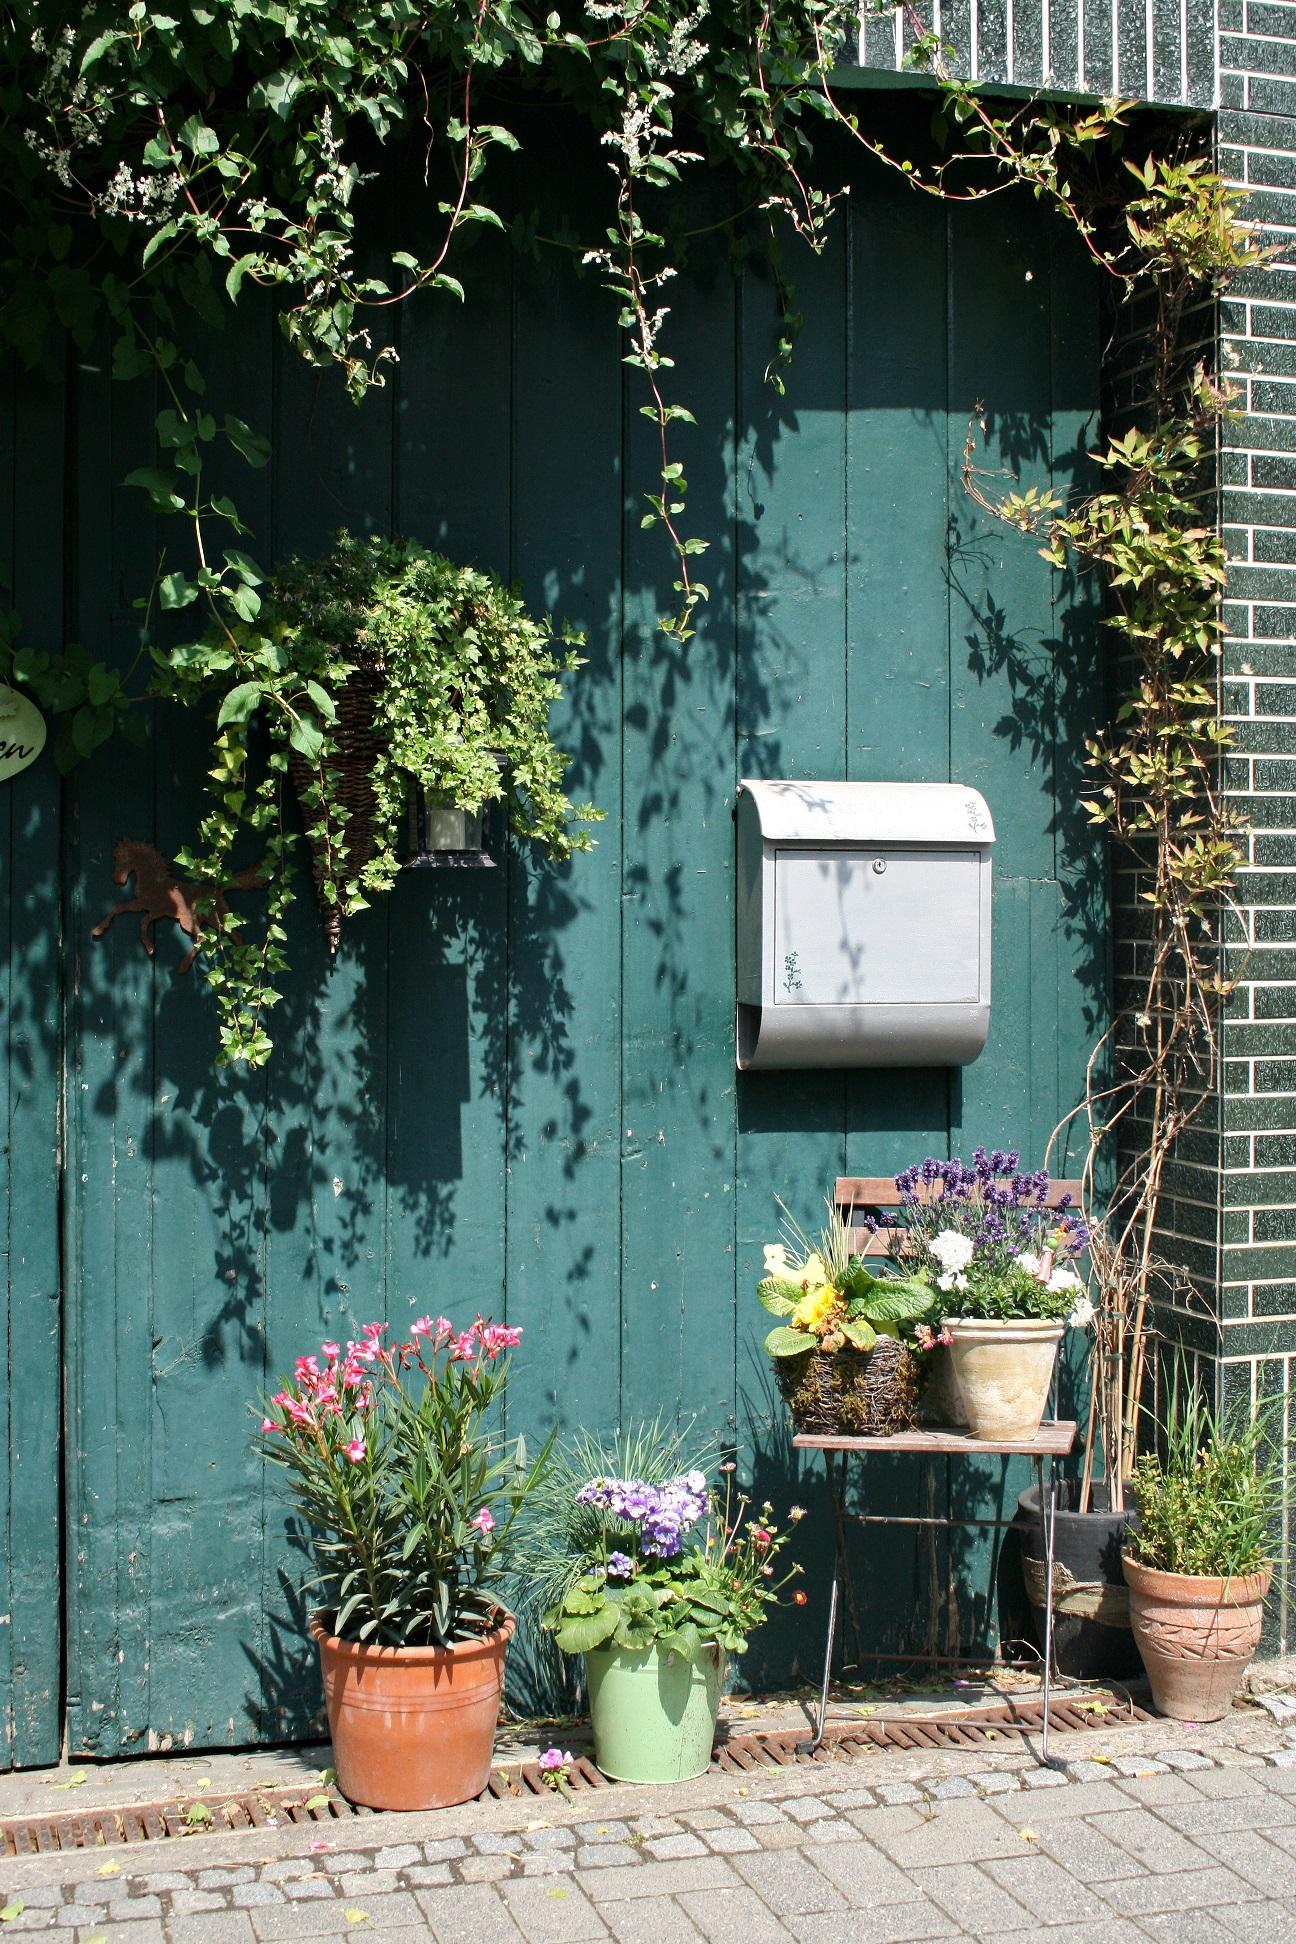 Wer In Seinem Garten Nicht Nur Mit Pflanzen Highlights Setzen Möchte, Kann  Auch Mit Dekorationen